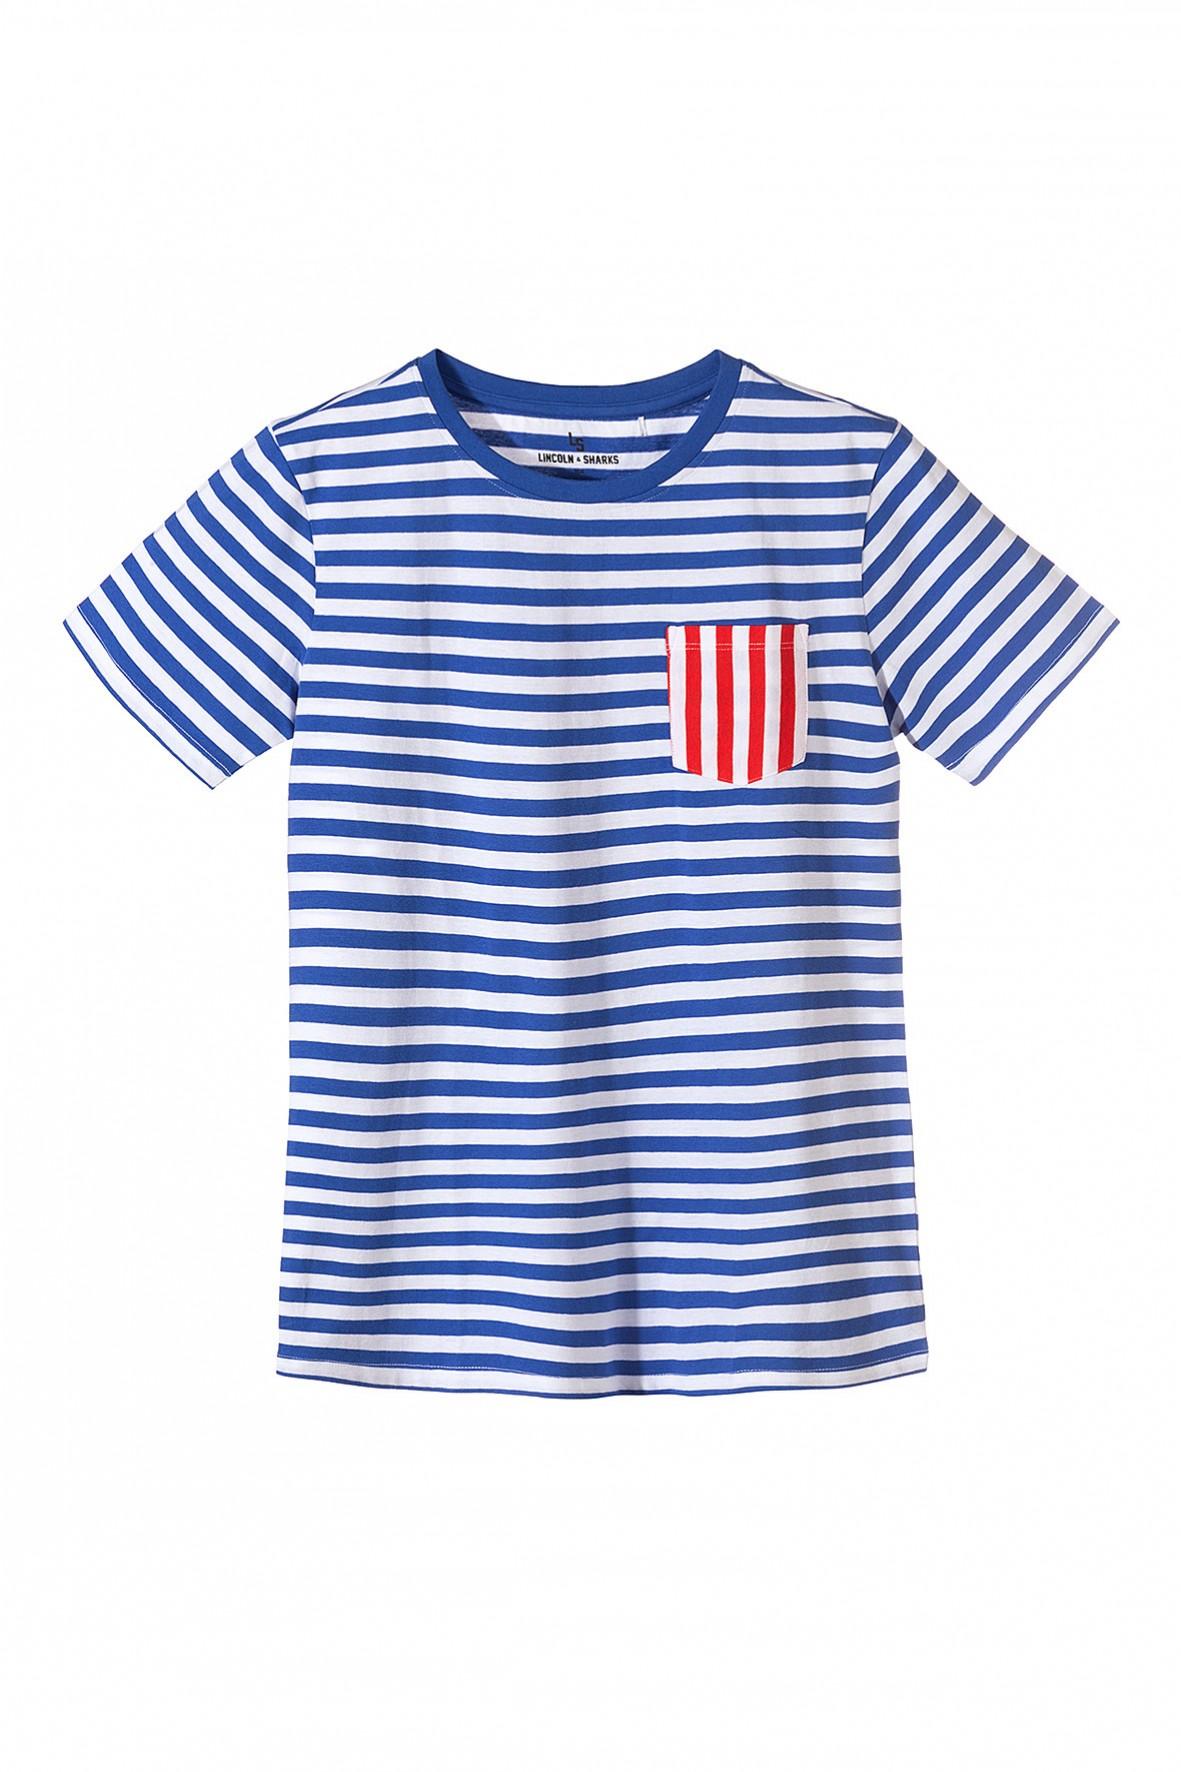 Koszulka chłopięca w biało-niebieskie paski